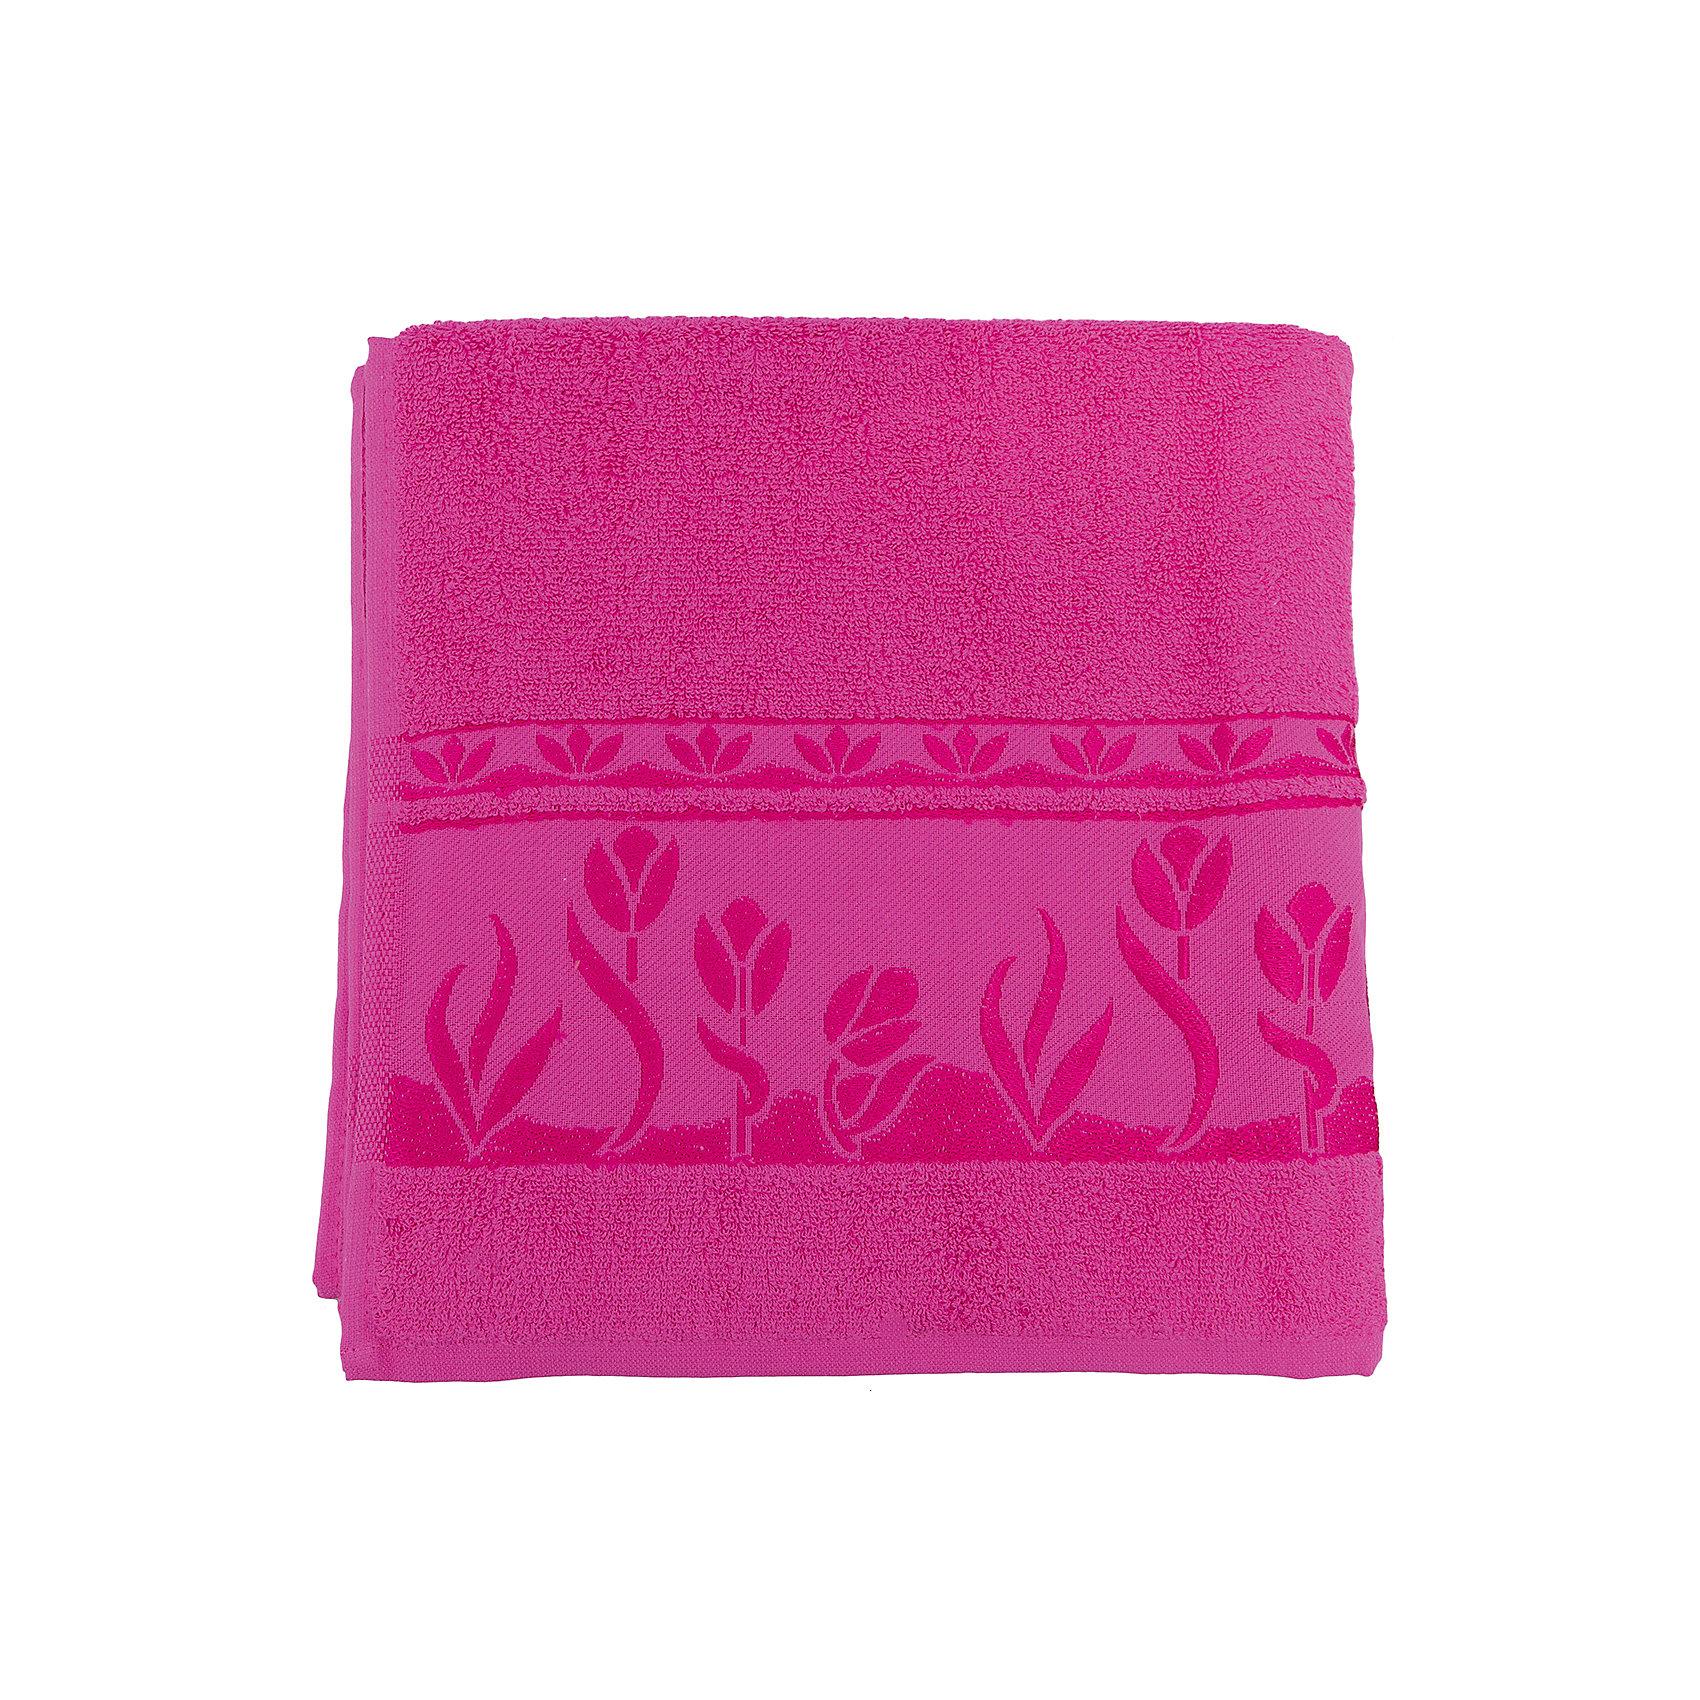 Полотенце махровое Tulips 70*140, Португалия, ярко-розовыйTulips - махровое полотенце из натурального качественного хлопка. Она хорошо впитает влагу и подарит вам ощущение мягкости после водных процедур. Полотенце износостойкое и хорошо сохраняет цвет. Украшено жаккардовым узором. <br><br>Дополнительная информация:<br>Материал: 100% хлопок<br>Плотность: 500 г/м2<br>Размер: 70х140 см<br>Цвет: ярко-розовый<br>Торговая марка: Португалия<br><br>Вы можете приобрести махровое полотенце Tulips  в нашем интернет-магазине.<br><br>Ширина мм: 500<br>Глубина мм: 500<br>Высота мм: 200<br>Вес г: 400<br>Возраст от месяцев: 0<br>Возраст до месяцев: 144<br>Пол: Унисекс<br>Возраст: Детский<br>SKU: 5010987